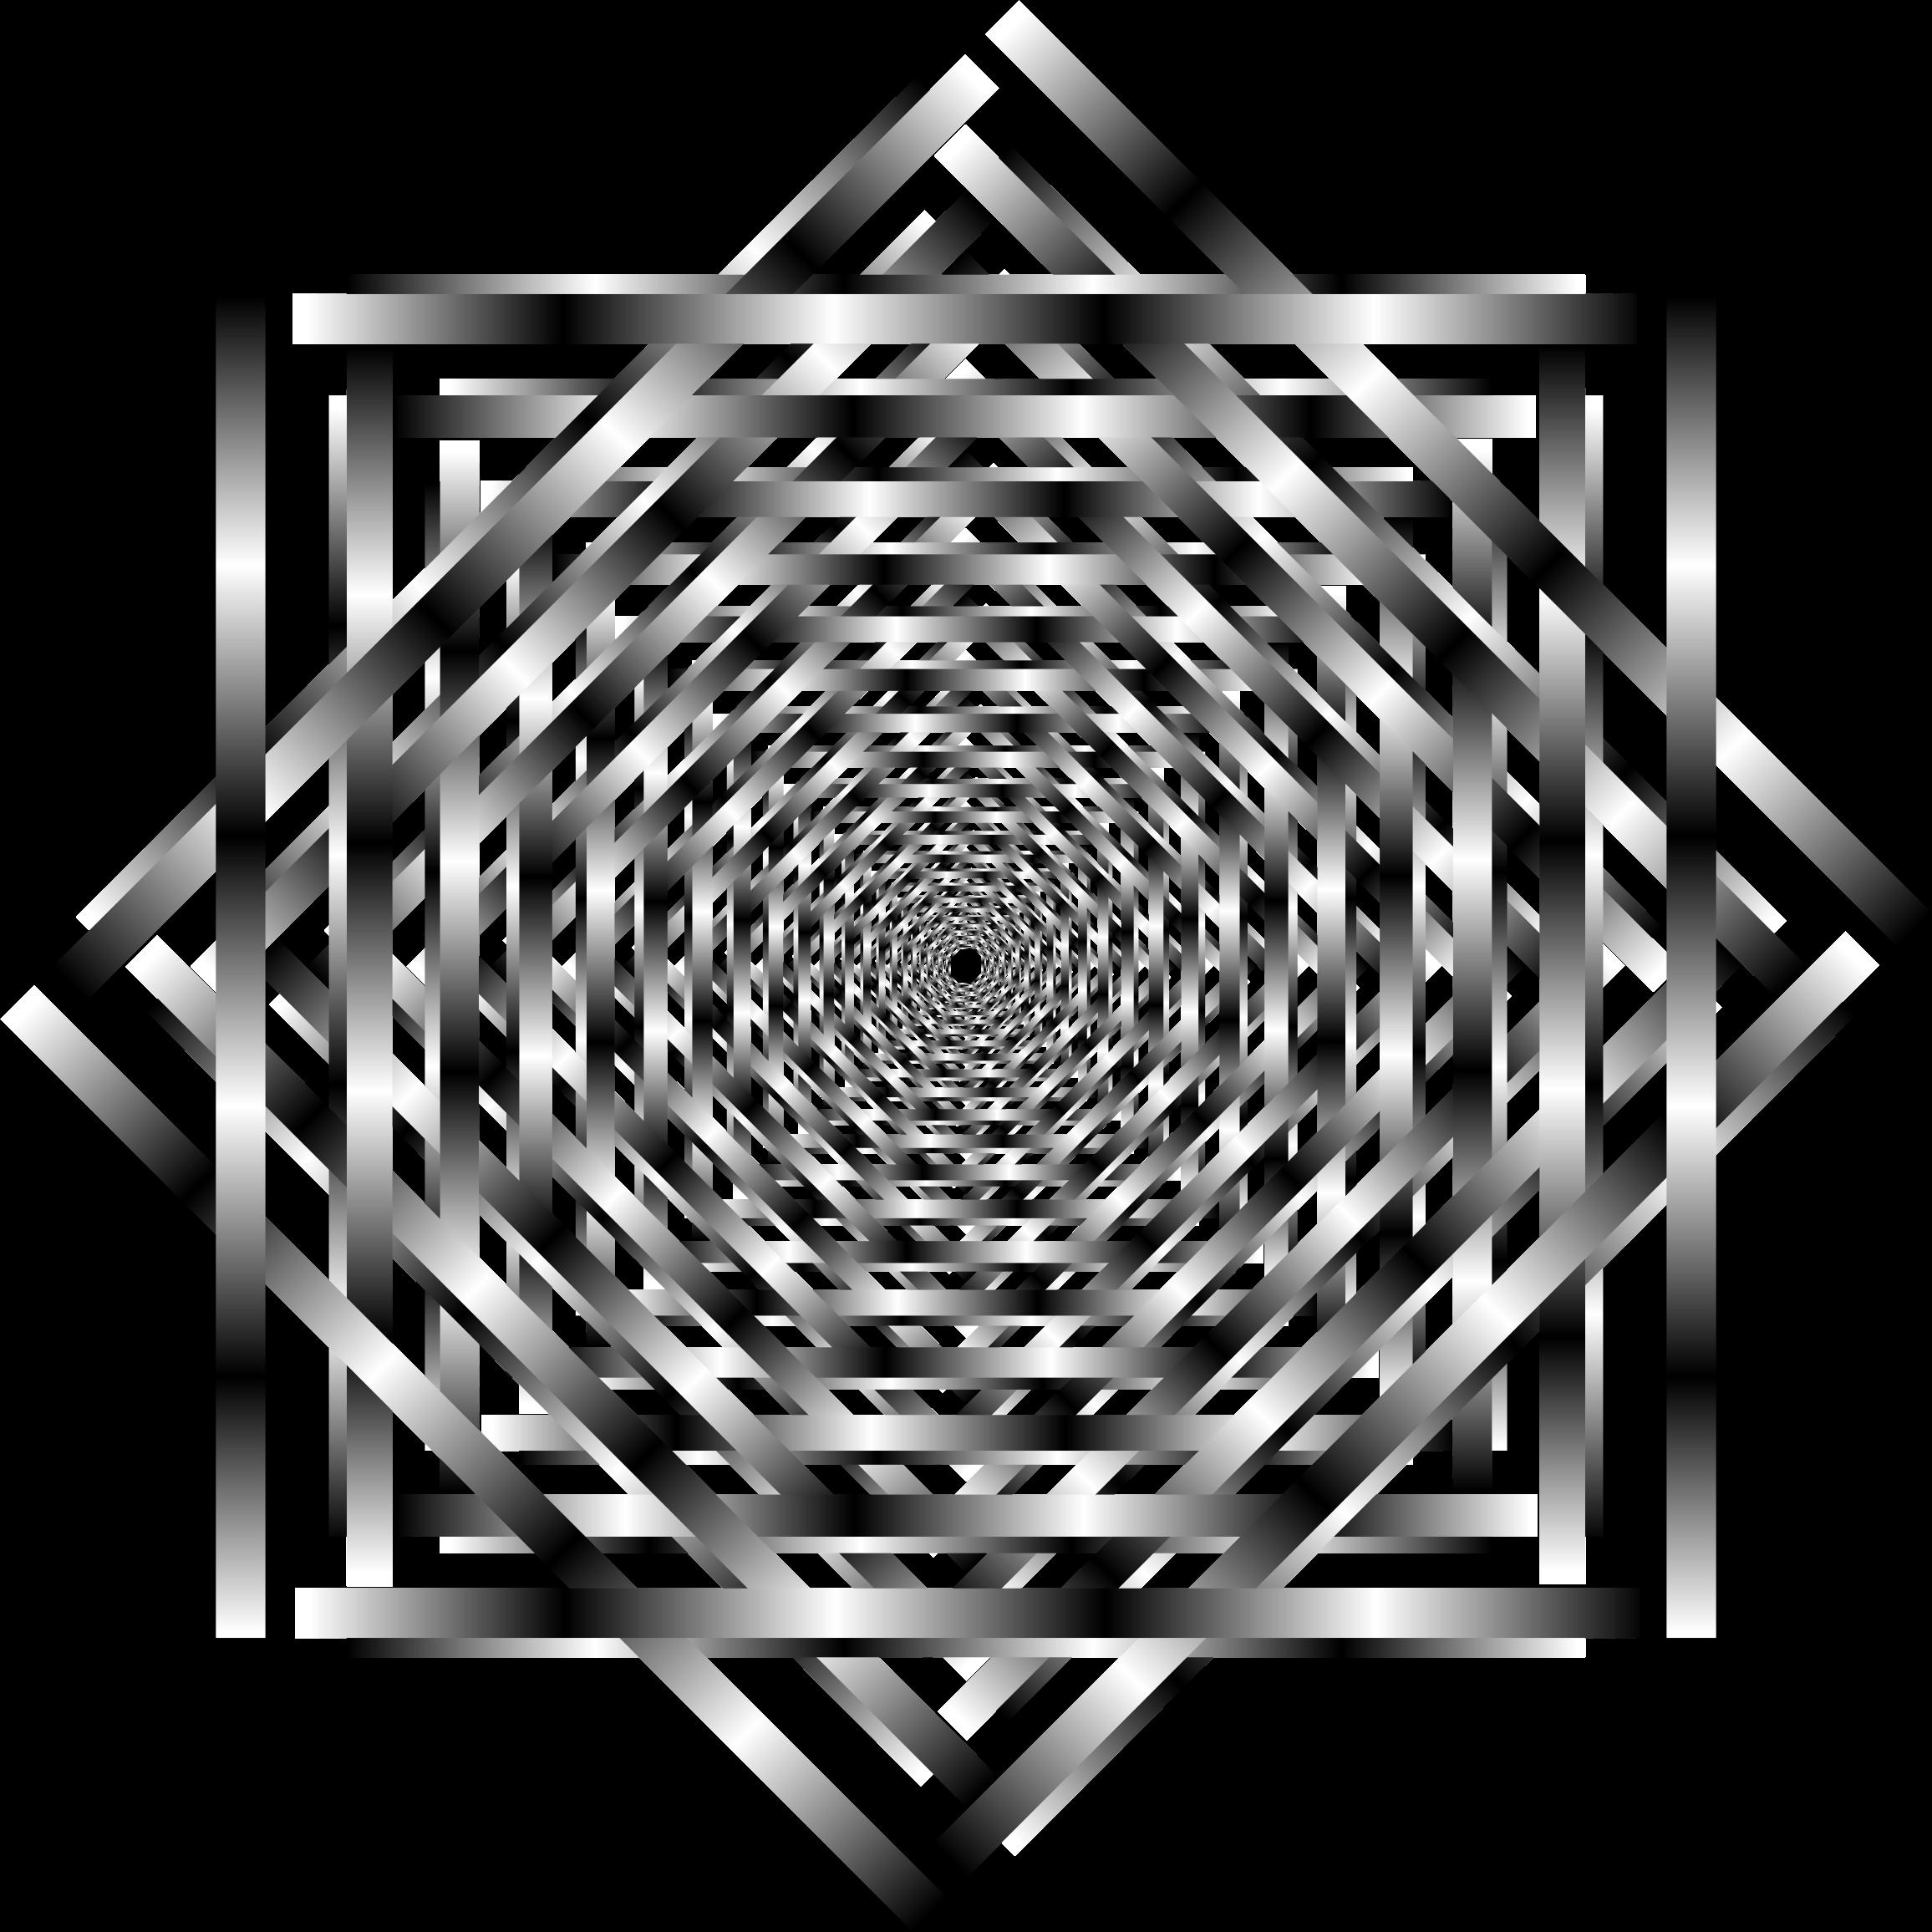 Optical Illusion clipart transparent Vortex Illusion Optical Vortex Interlocking